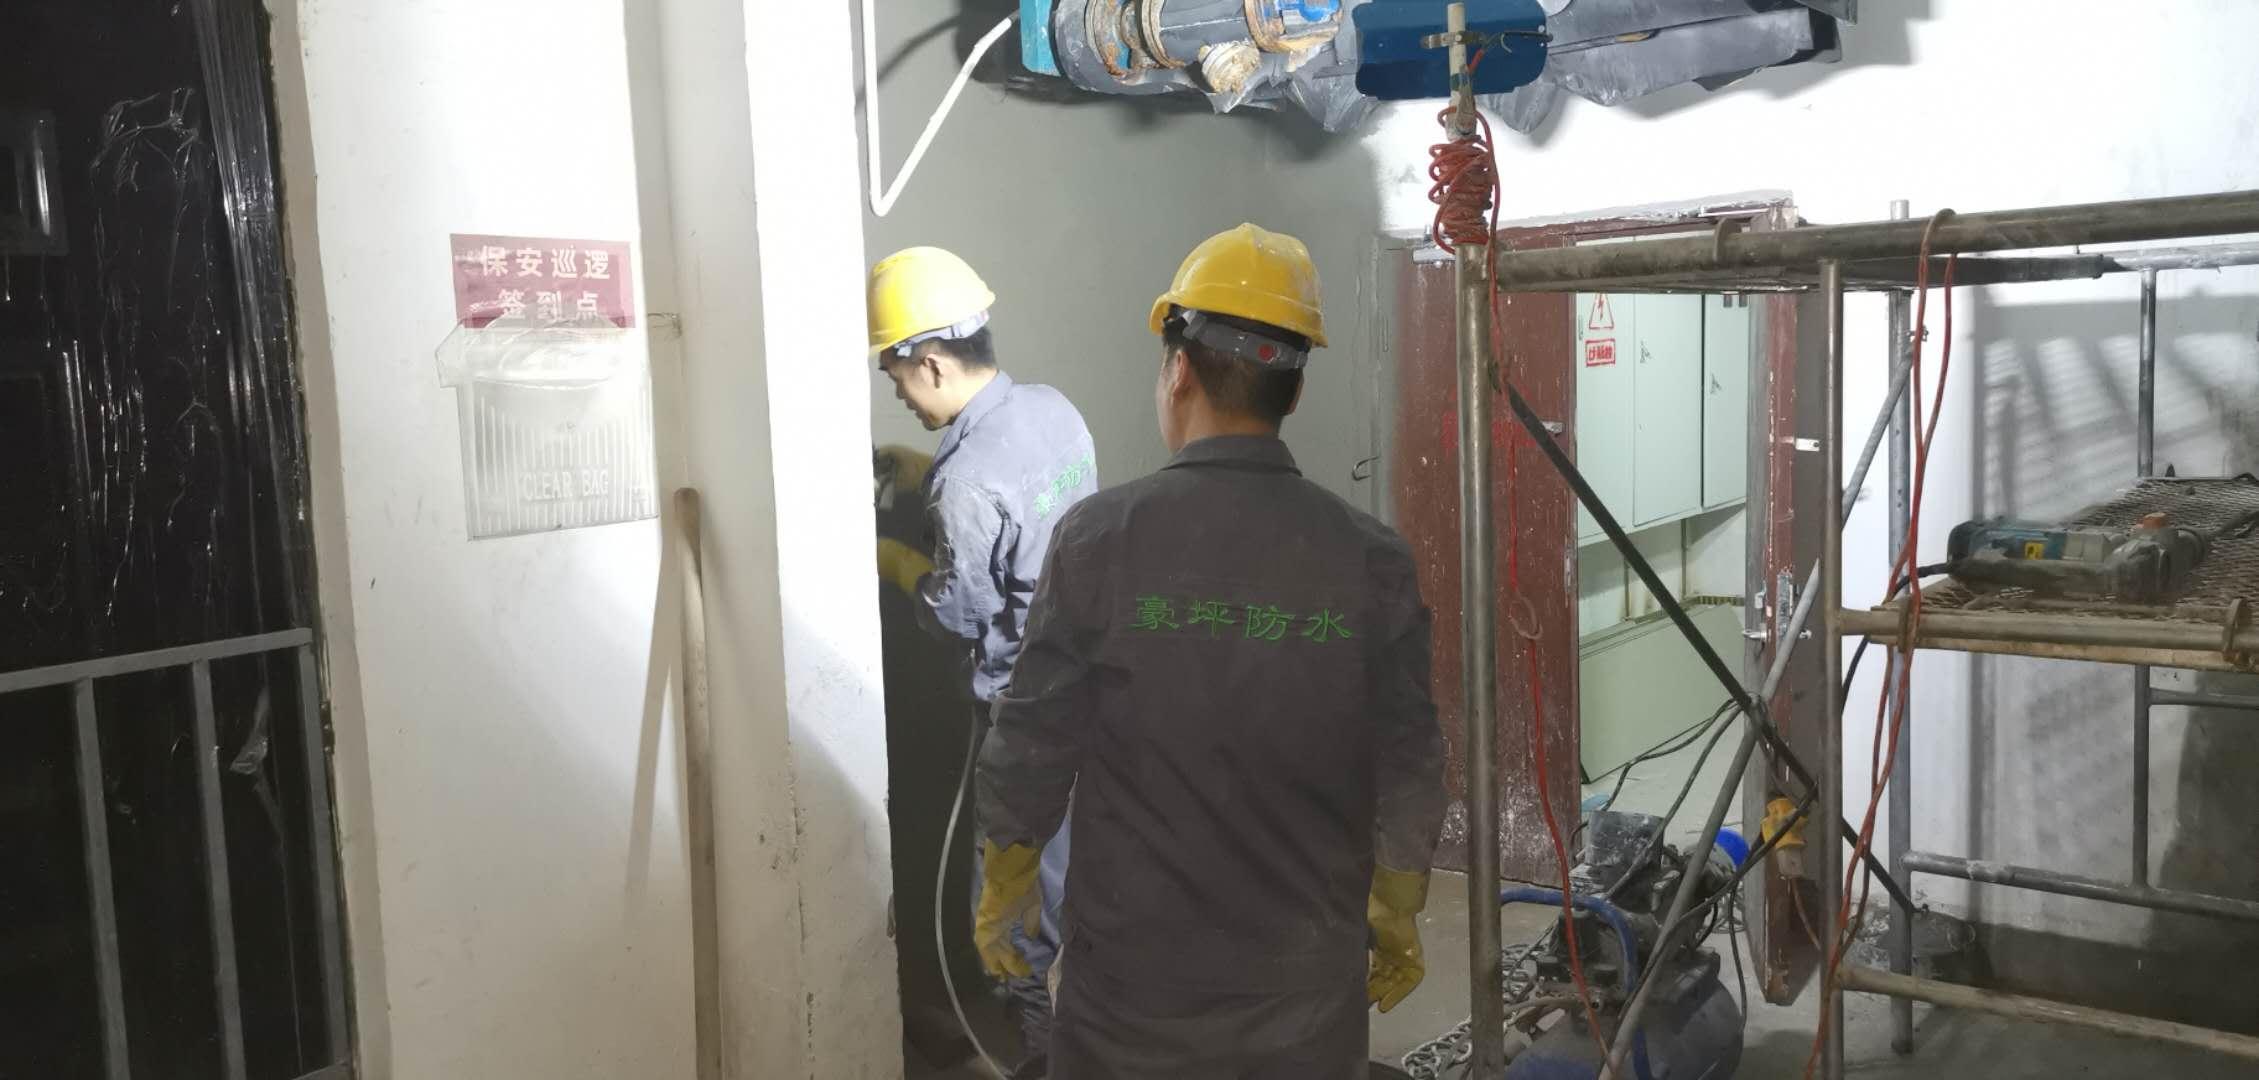 电梯渗漏水修缮施工团队